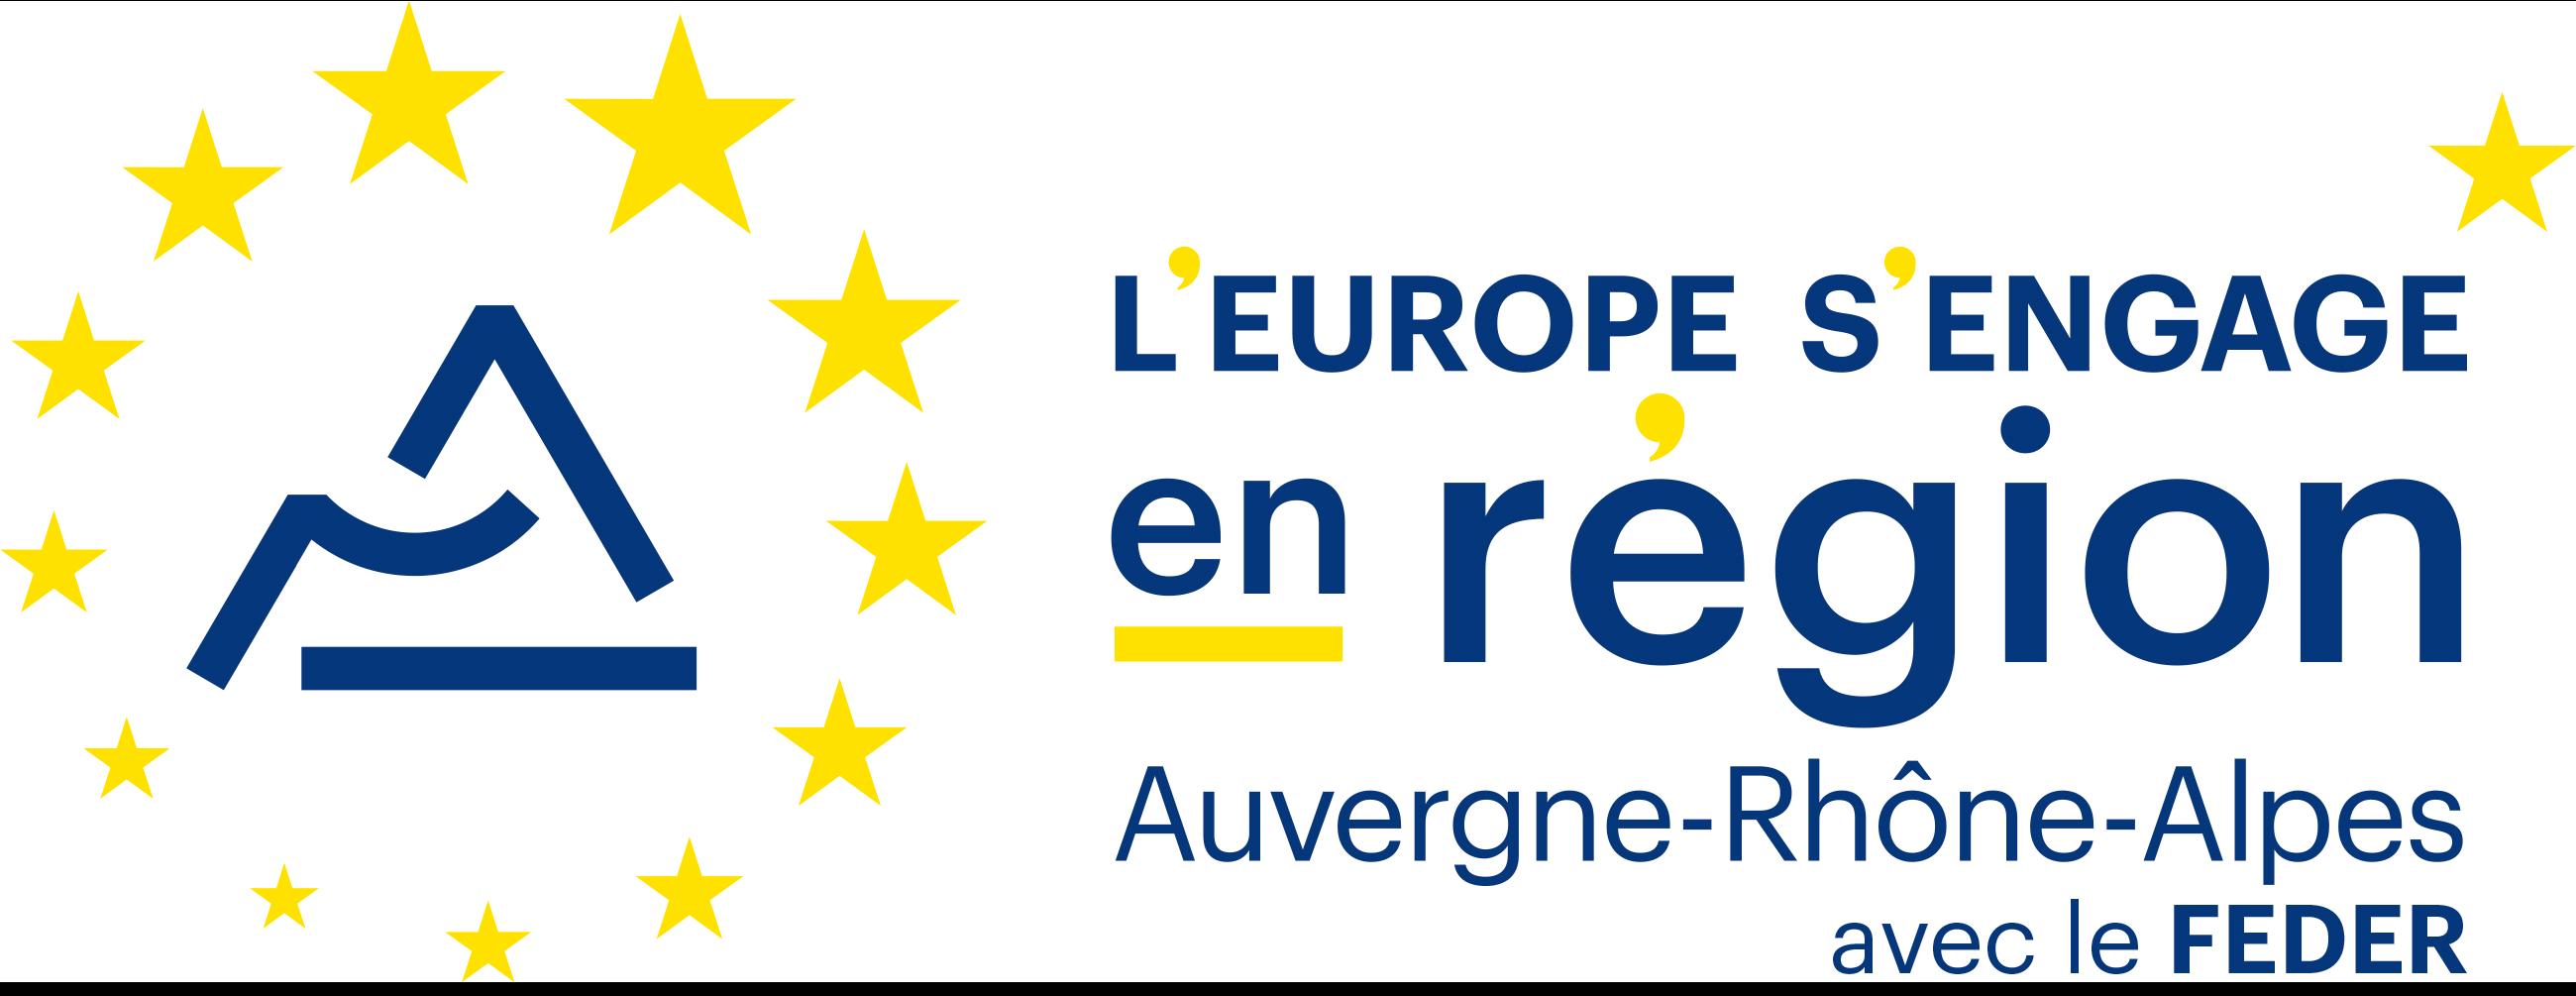 Logo L'Europe s'engage en région Auvergne-Rhône-Alpes avec le FEDER